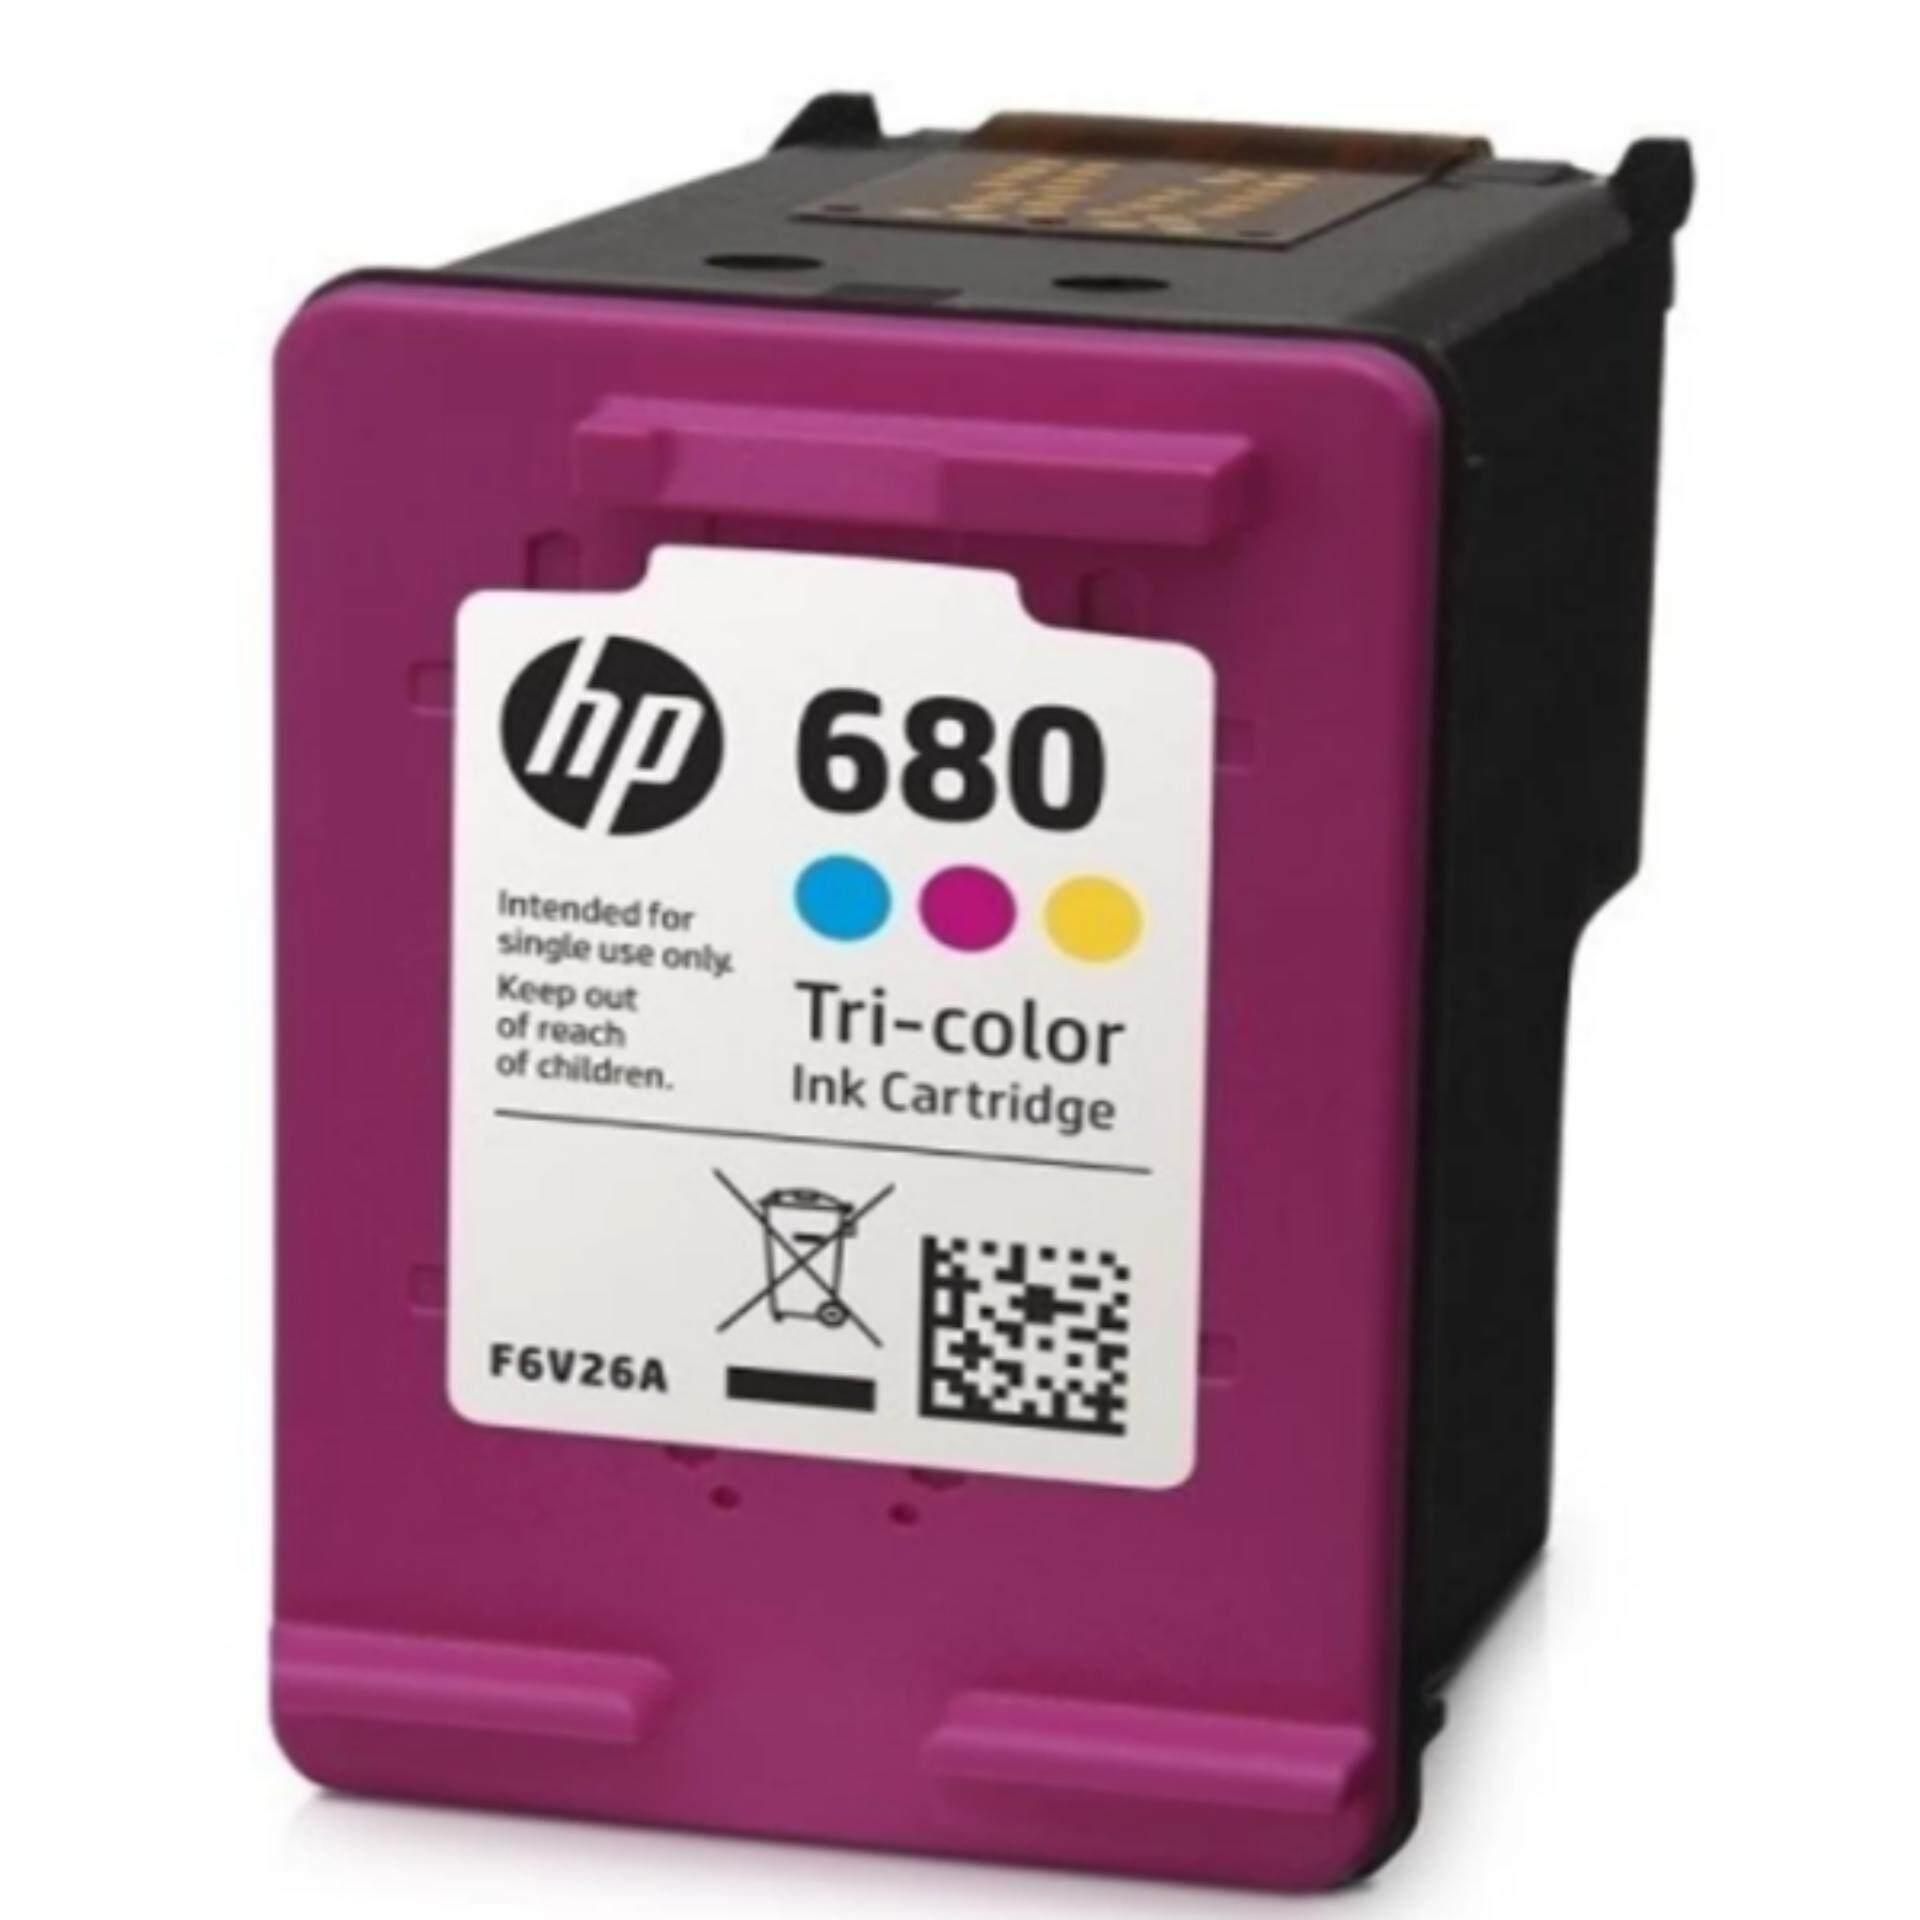 เก็บเงินปลายทางได้ หมึกอิงค์เจ็ท สี HP 680 ฟรีค่าจัดส่ง Kerry Express ส่งด่วน